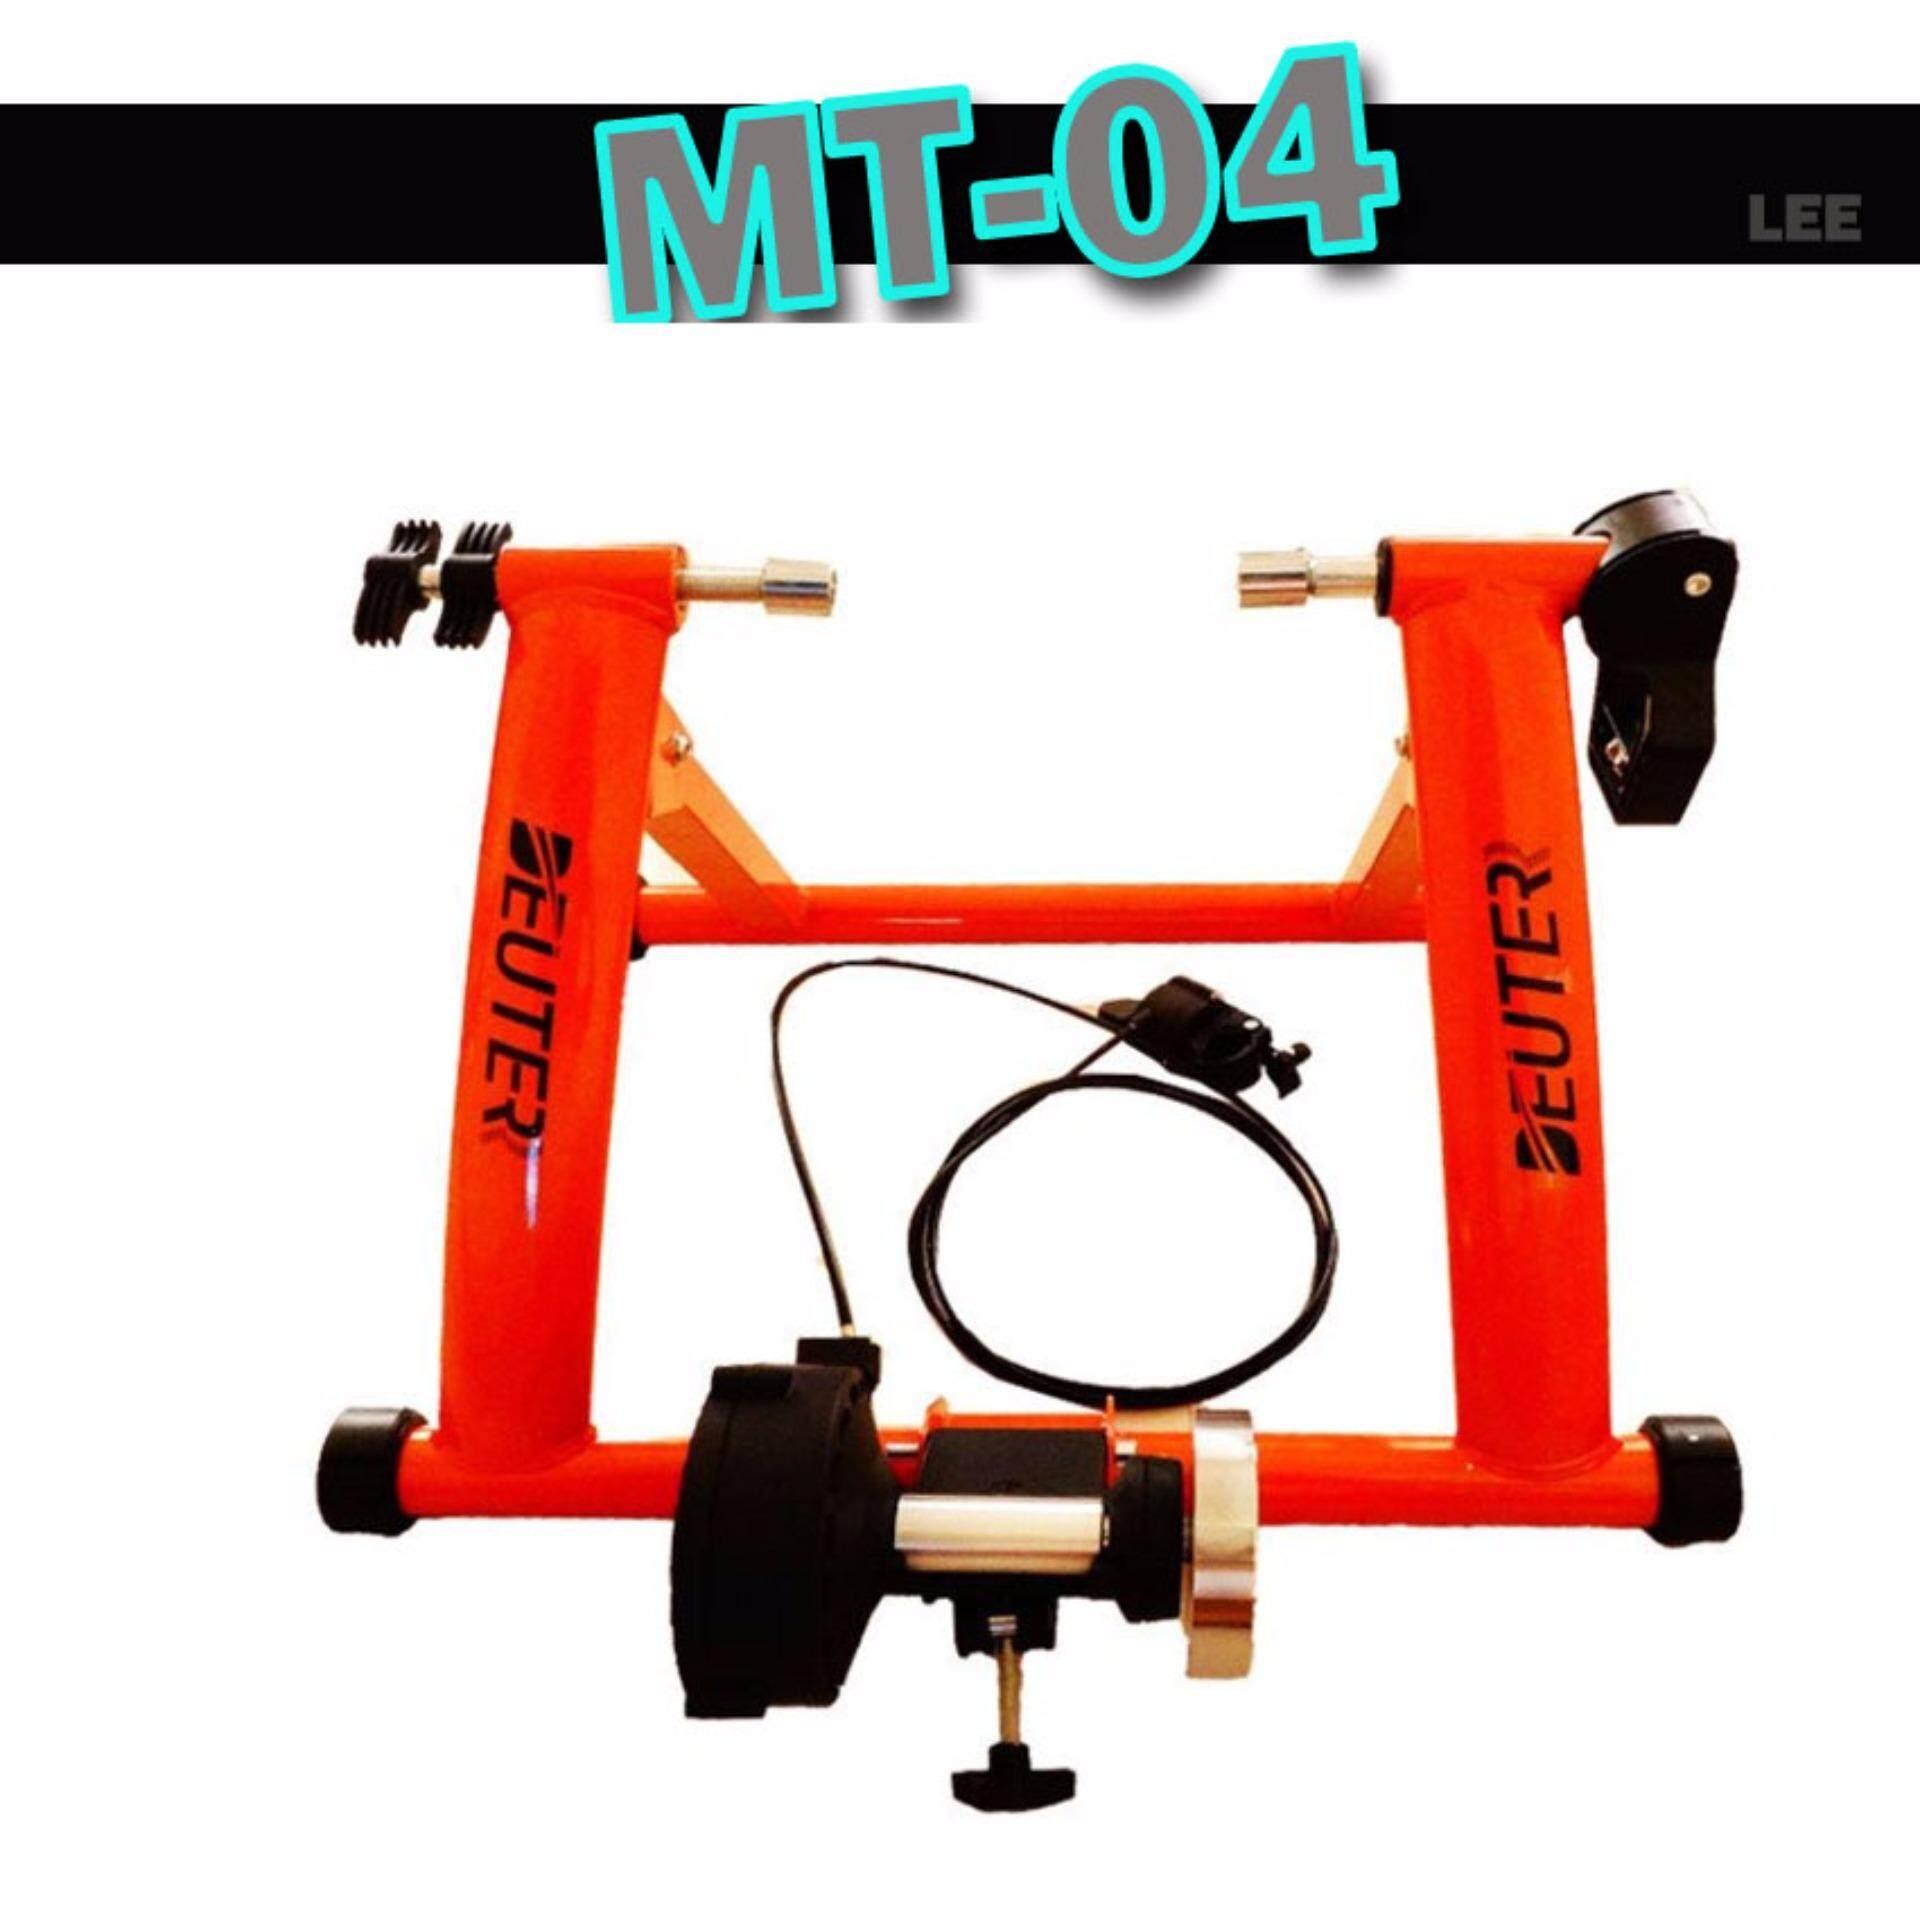 จักรยานออกกำลังกาย  Unbranded/Generic รุ่น Lee Bicycle-MT-04RED ลดราคา -68%